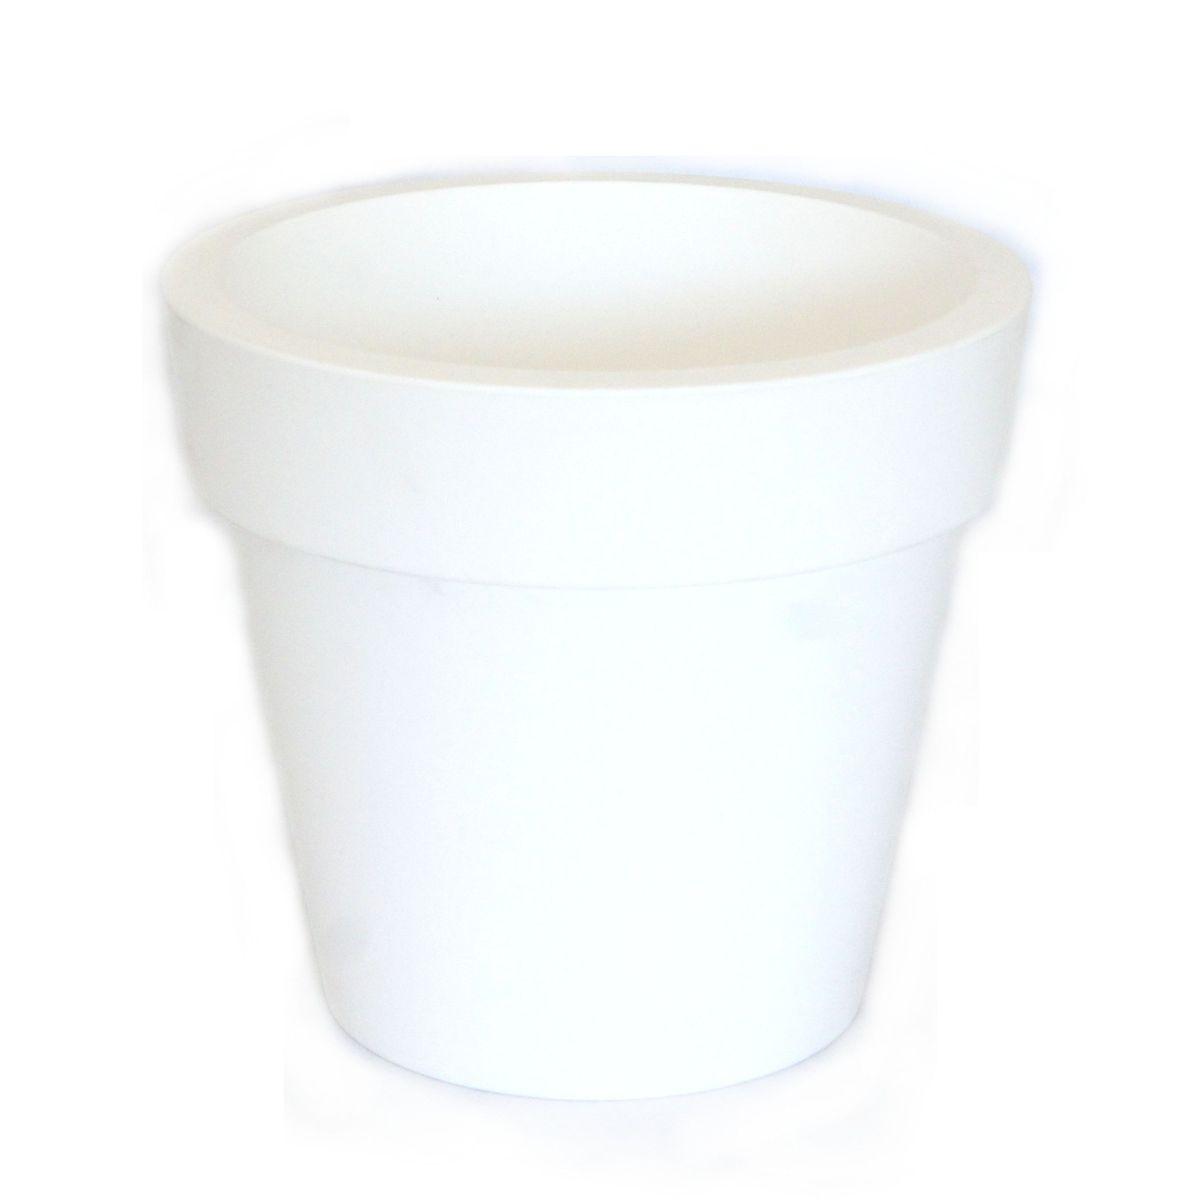 Кашпо JetPlast Порто, со вставкой, цвет: белый, 1 л4612754052561Кашпо классической формы с внутренней вставкой-горшком. Дренажная вставка позволяет легко поливать растения без использования дополнительного поддона. Вместительный объем кашпо позволяет высаживать самые разнообразные растения, а съемная вставка избавит вас от грязи и подчеркнет красоту цветка.